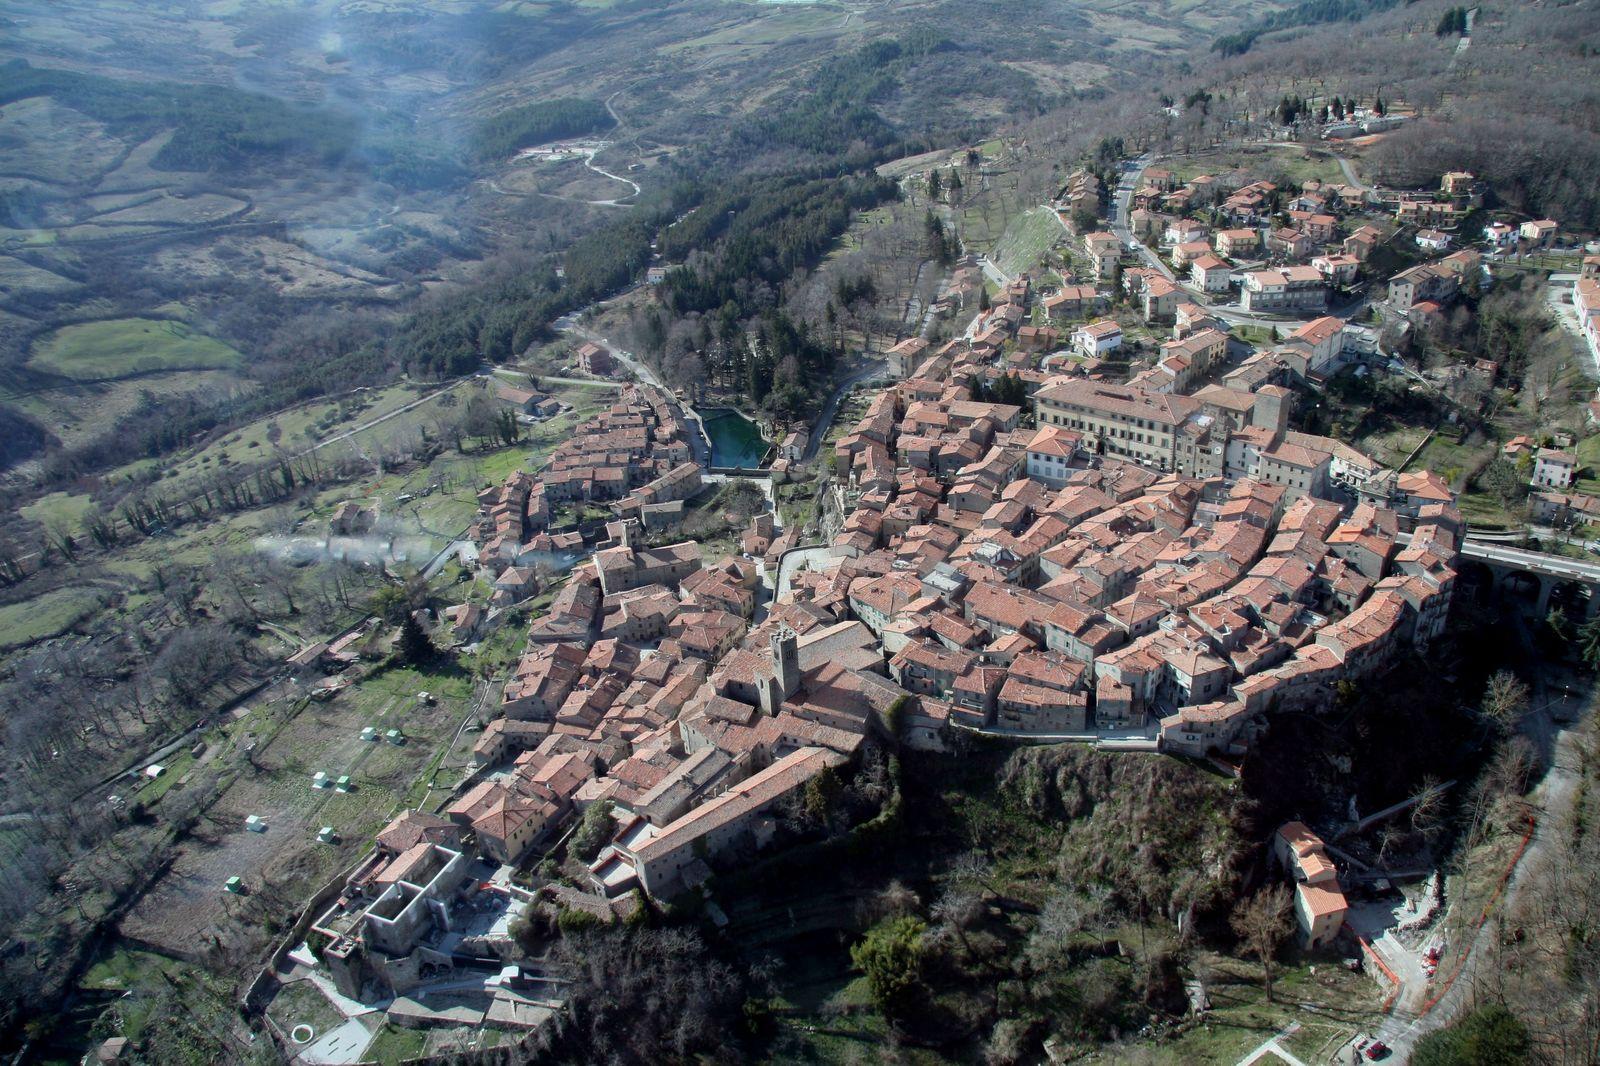 Santa Fiora - Profumi, suoni, acqua fresca e la memoria di un illustre passato - Toscana Ovunque Bella